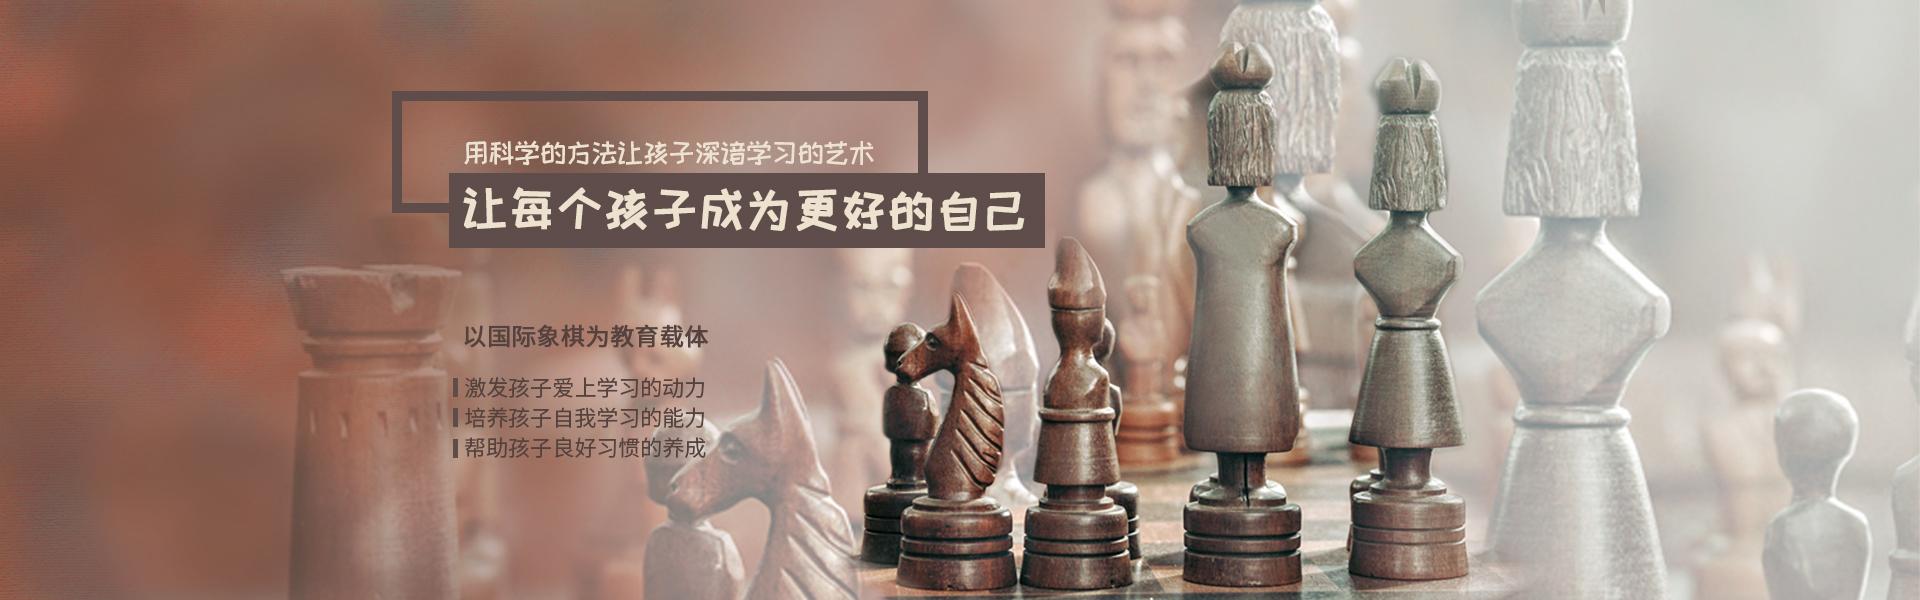 必威国际平台手机版教育